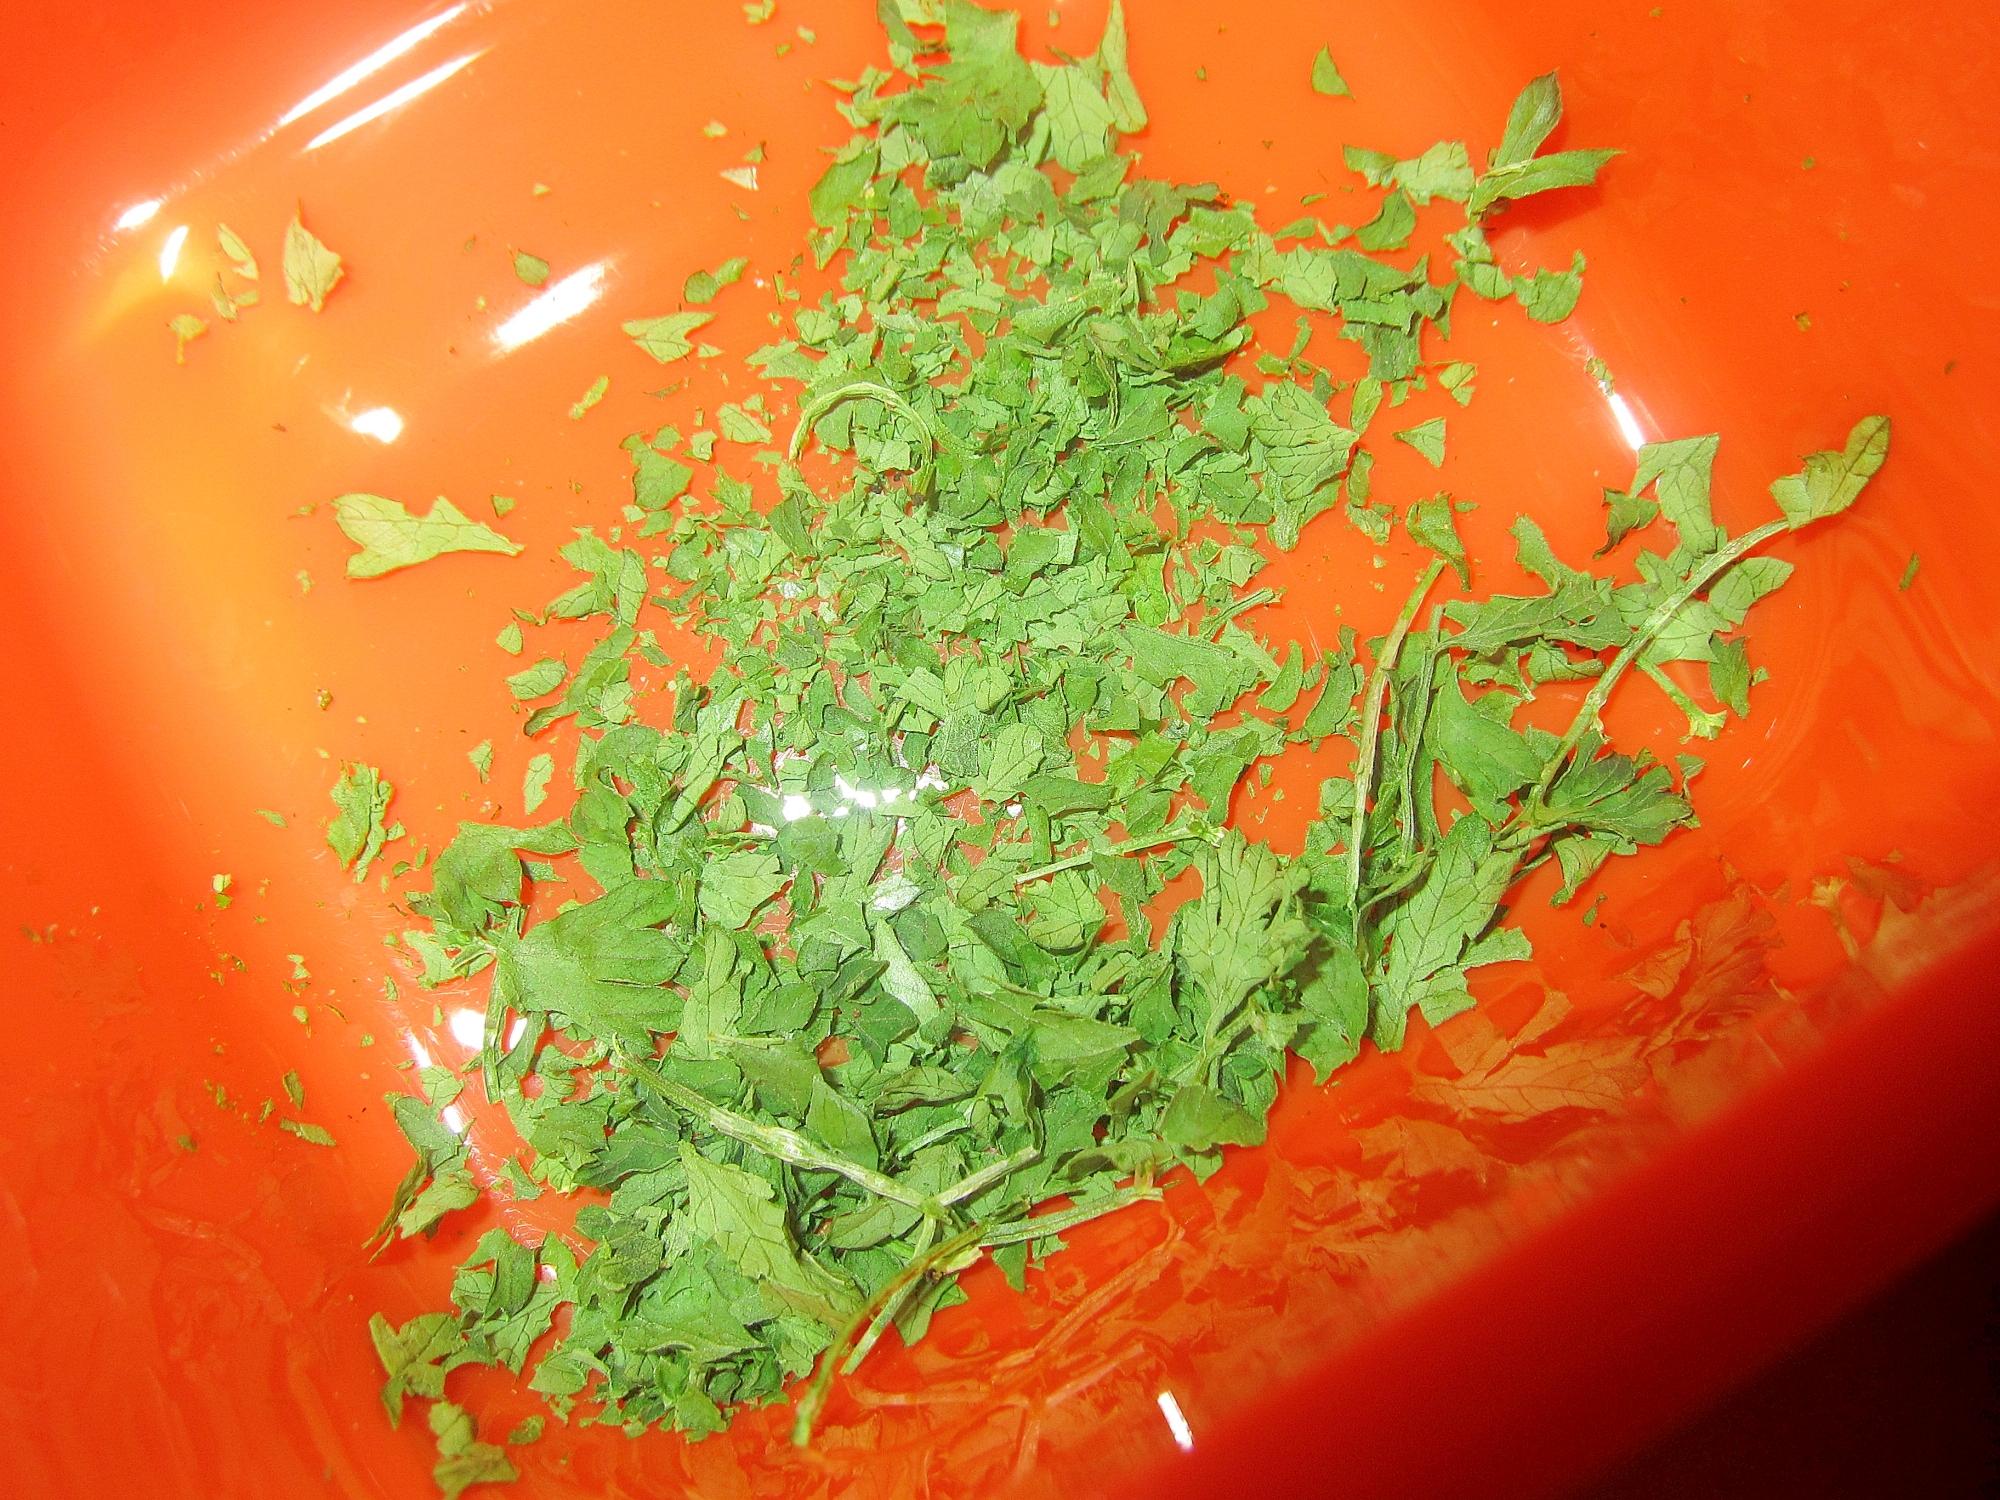 「パセリ 野菜」の検索結果 - レシピをさがす - goo グルメ&料理